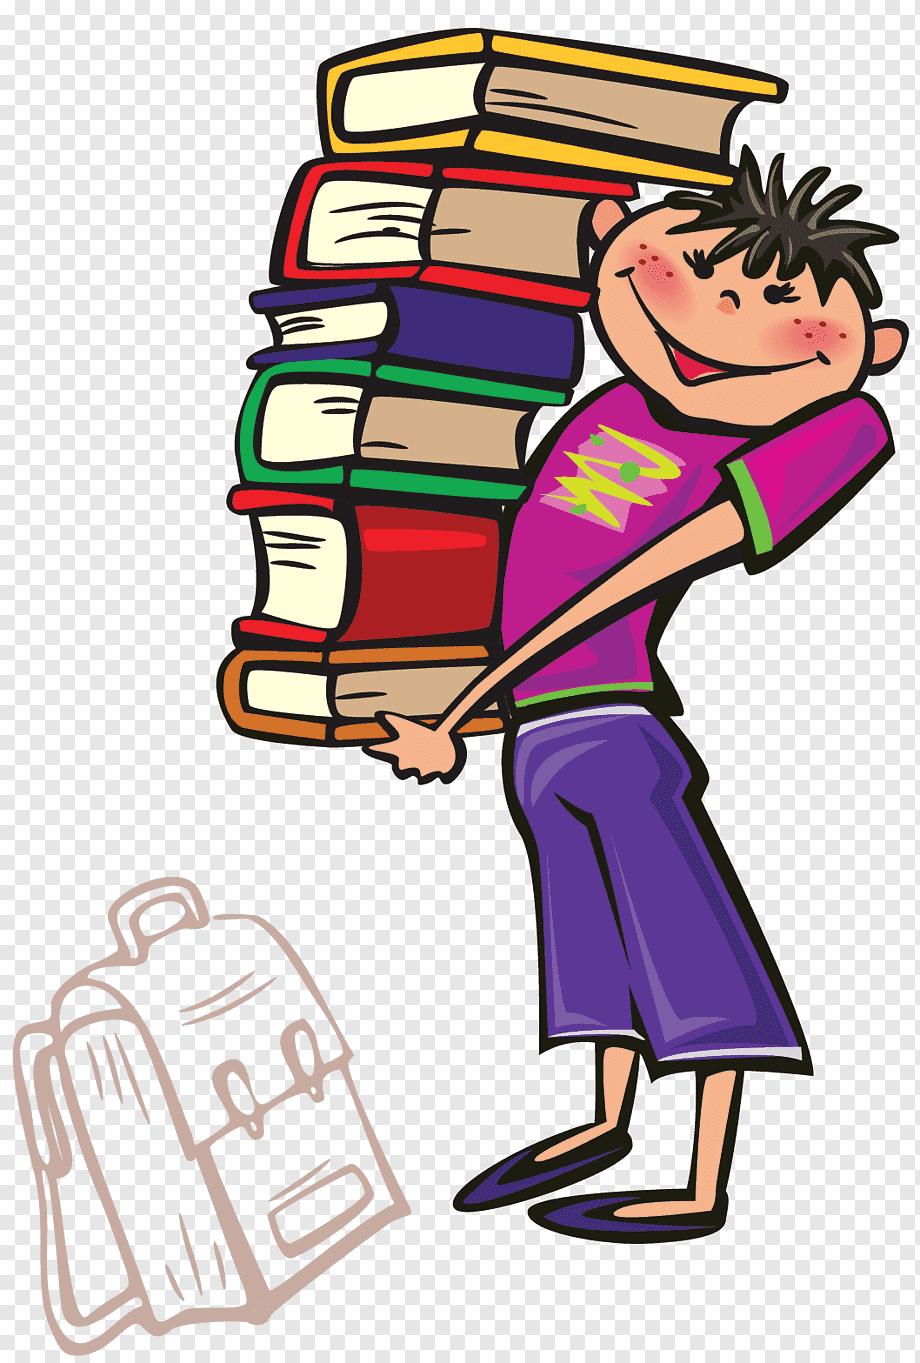 Kartun Anak Membaca Buku : kartun, membaca, Konten, Gratis,, Kartun, Laki-laki, Memegang, Setumpuk, Buku,, Karakter,, Anak,, Membaca, PNGWing